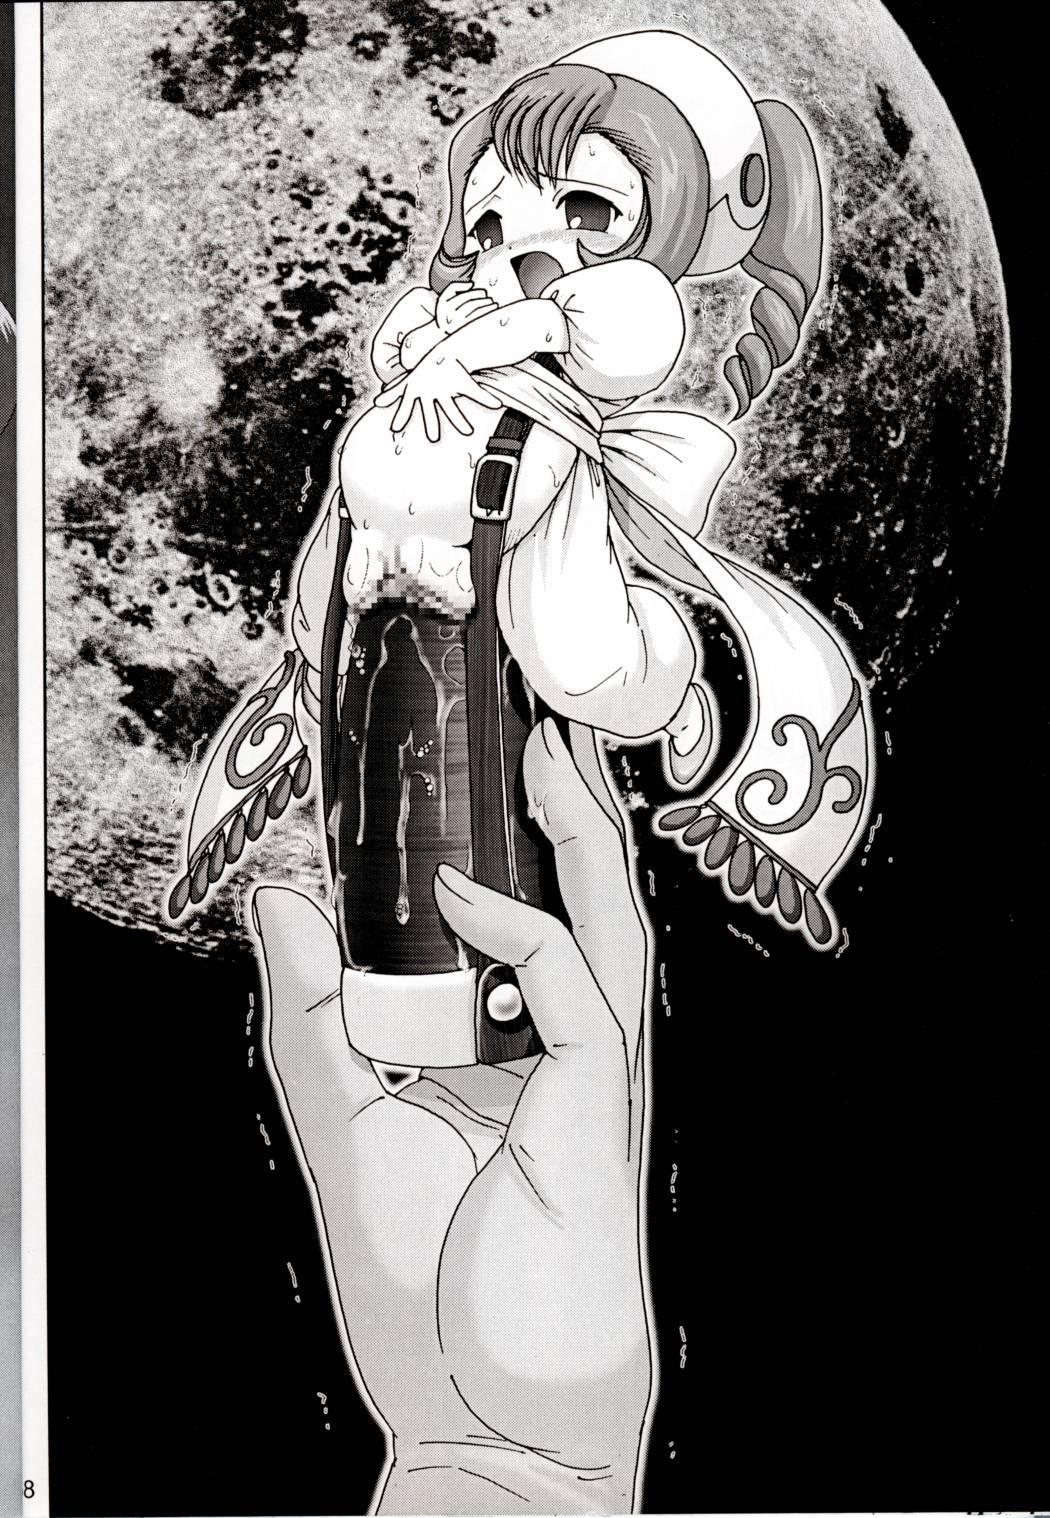 Oshiri de Kyu! 7 62